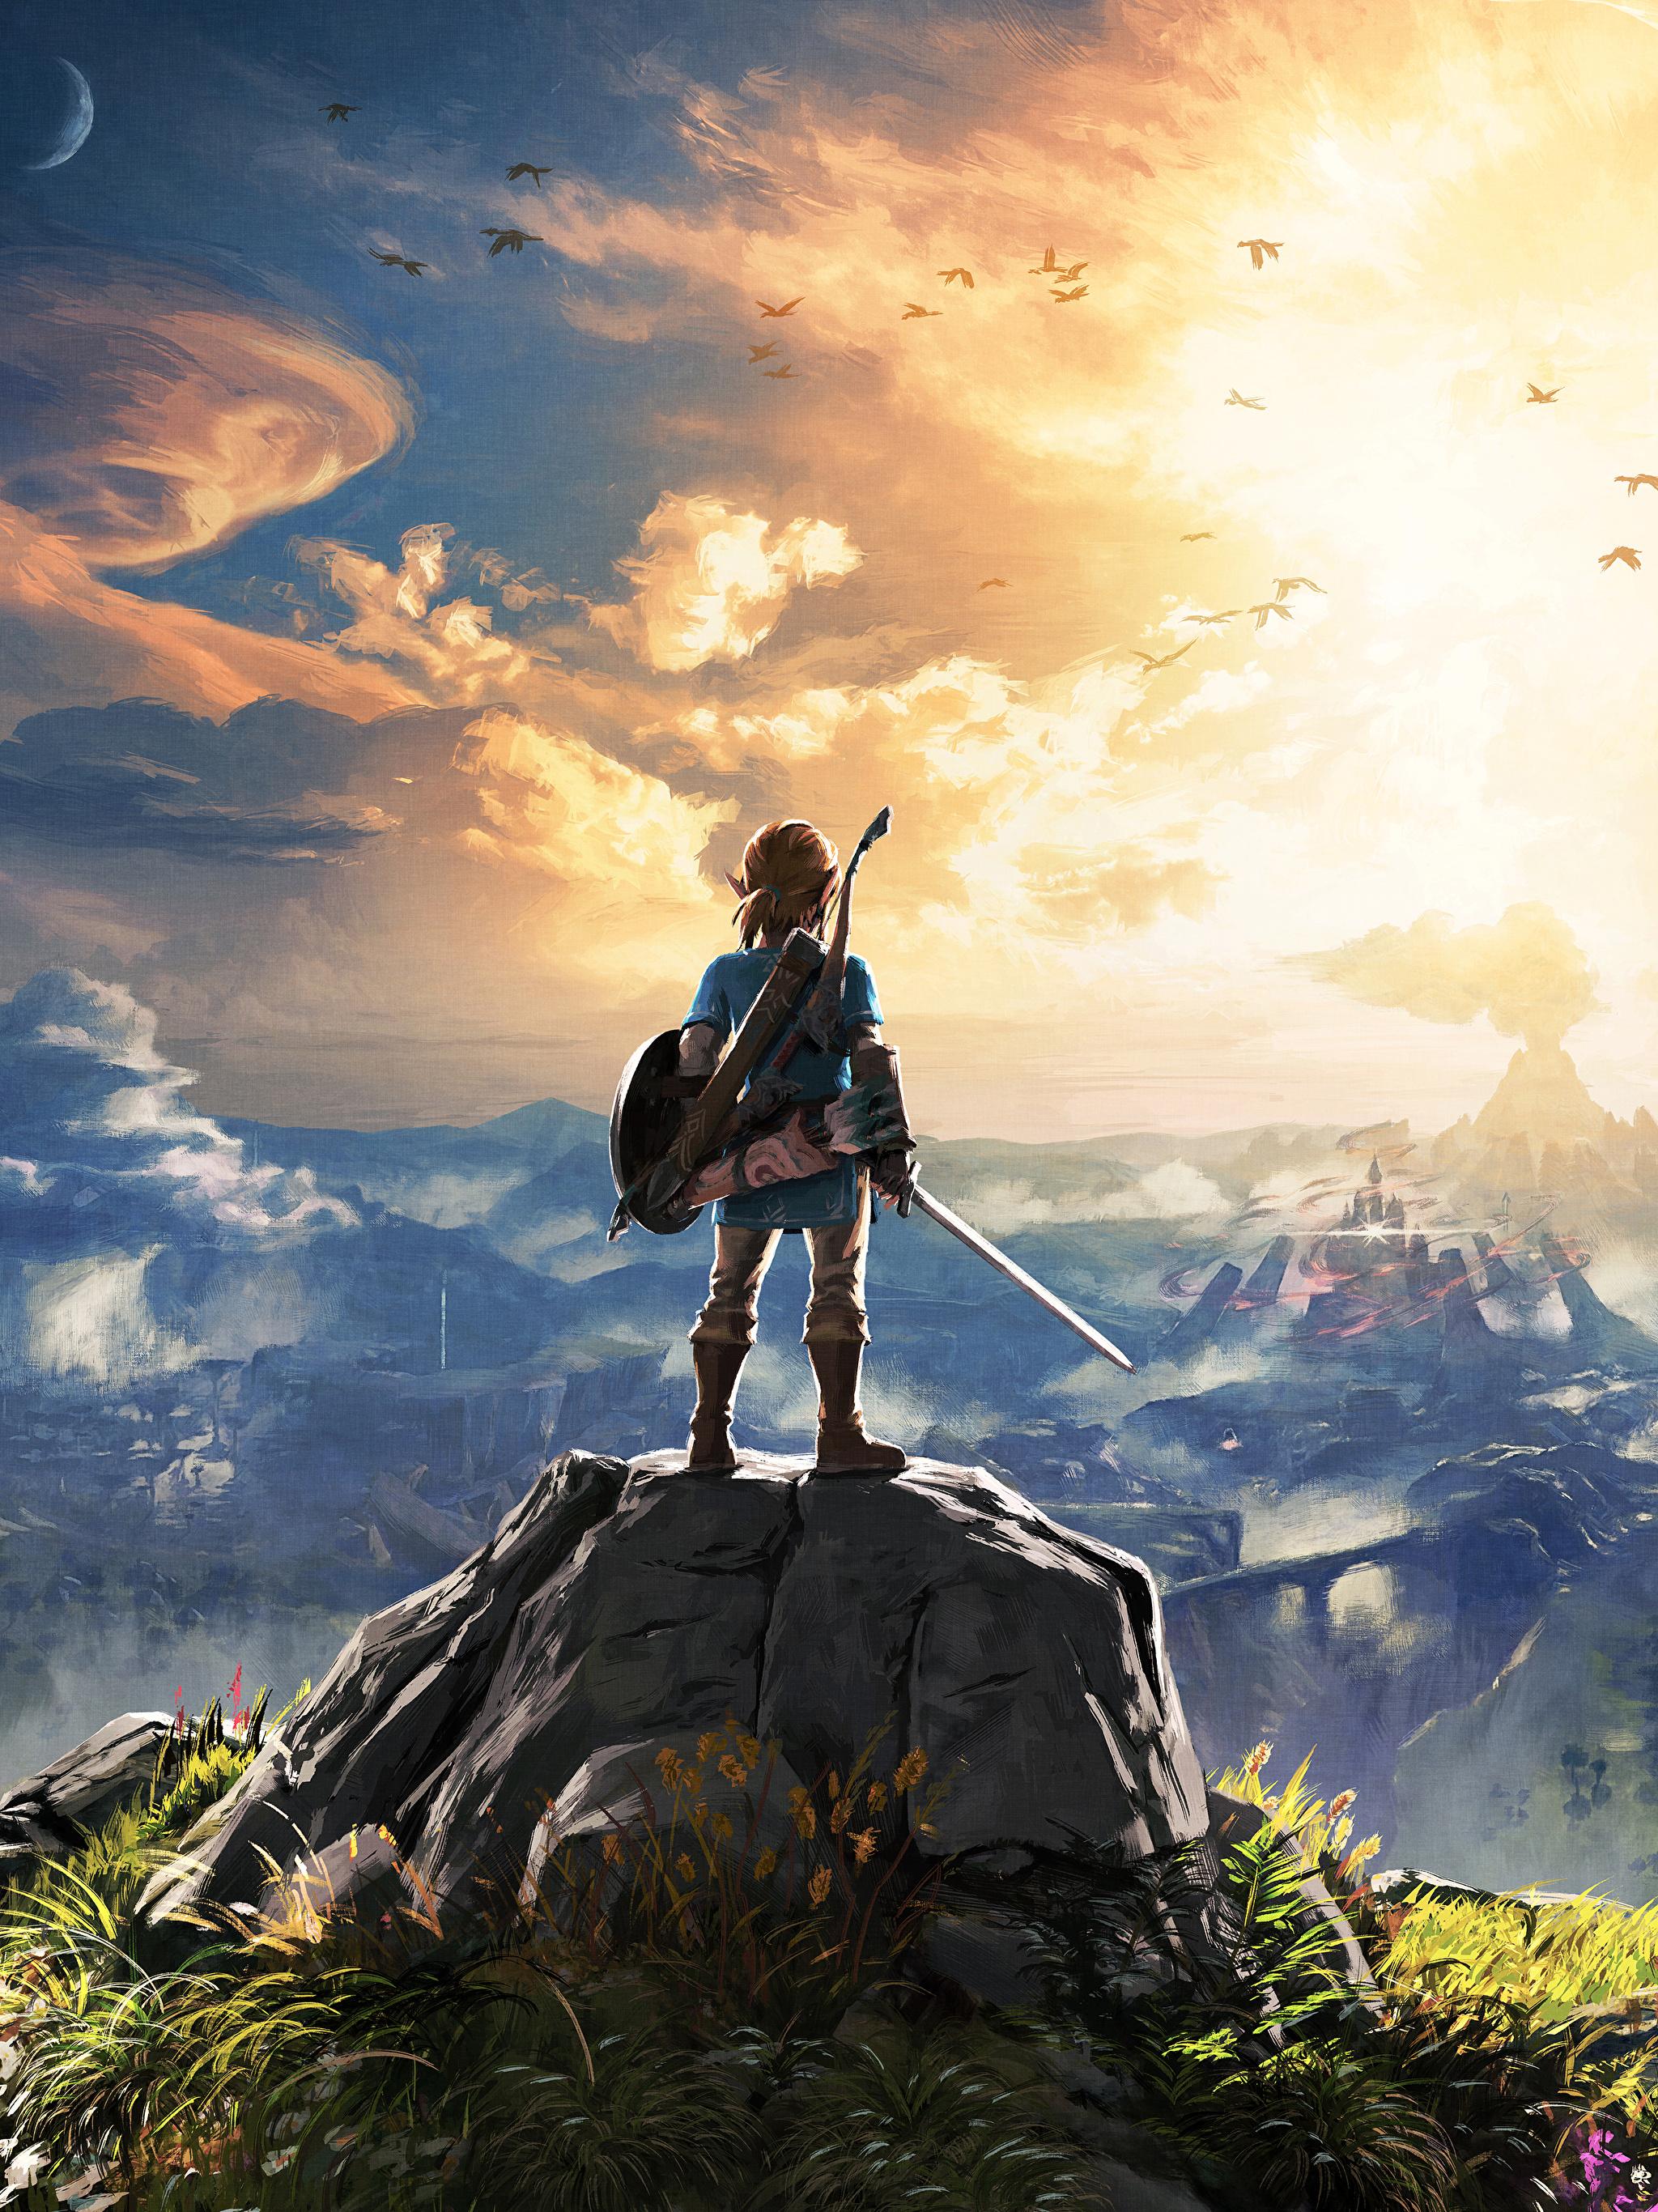 Постер The Legend of Zelda: Breath of the Wild